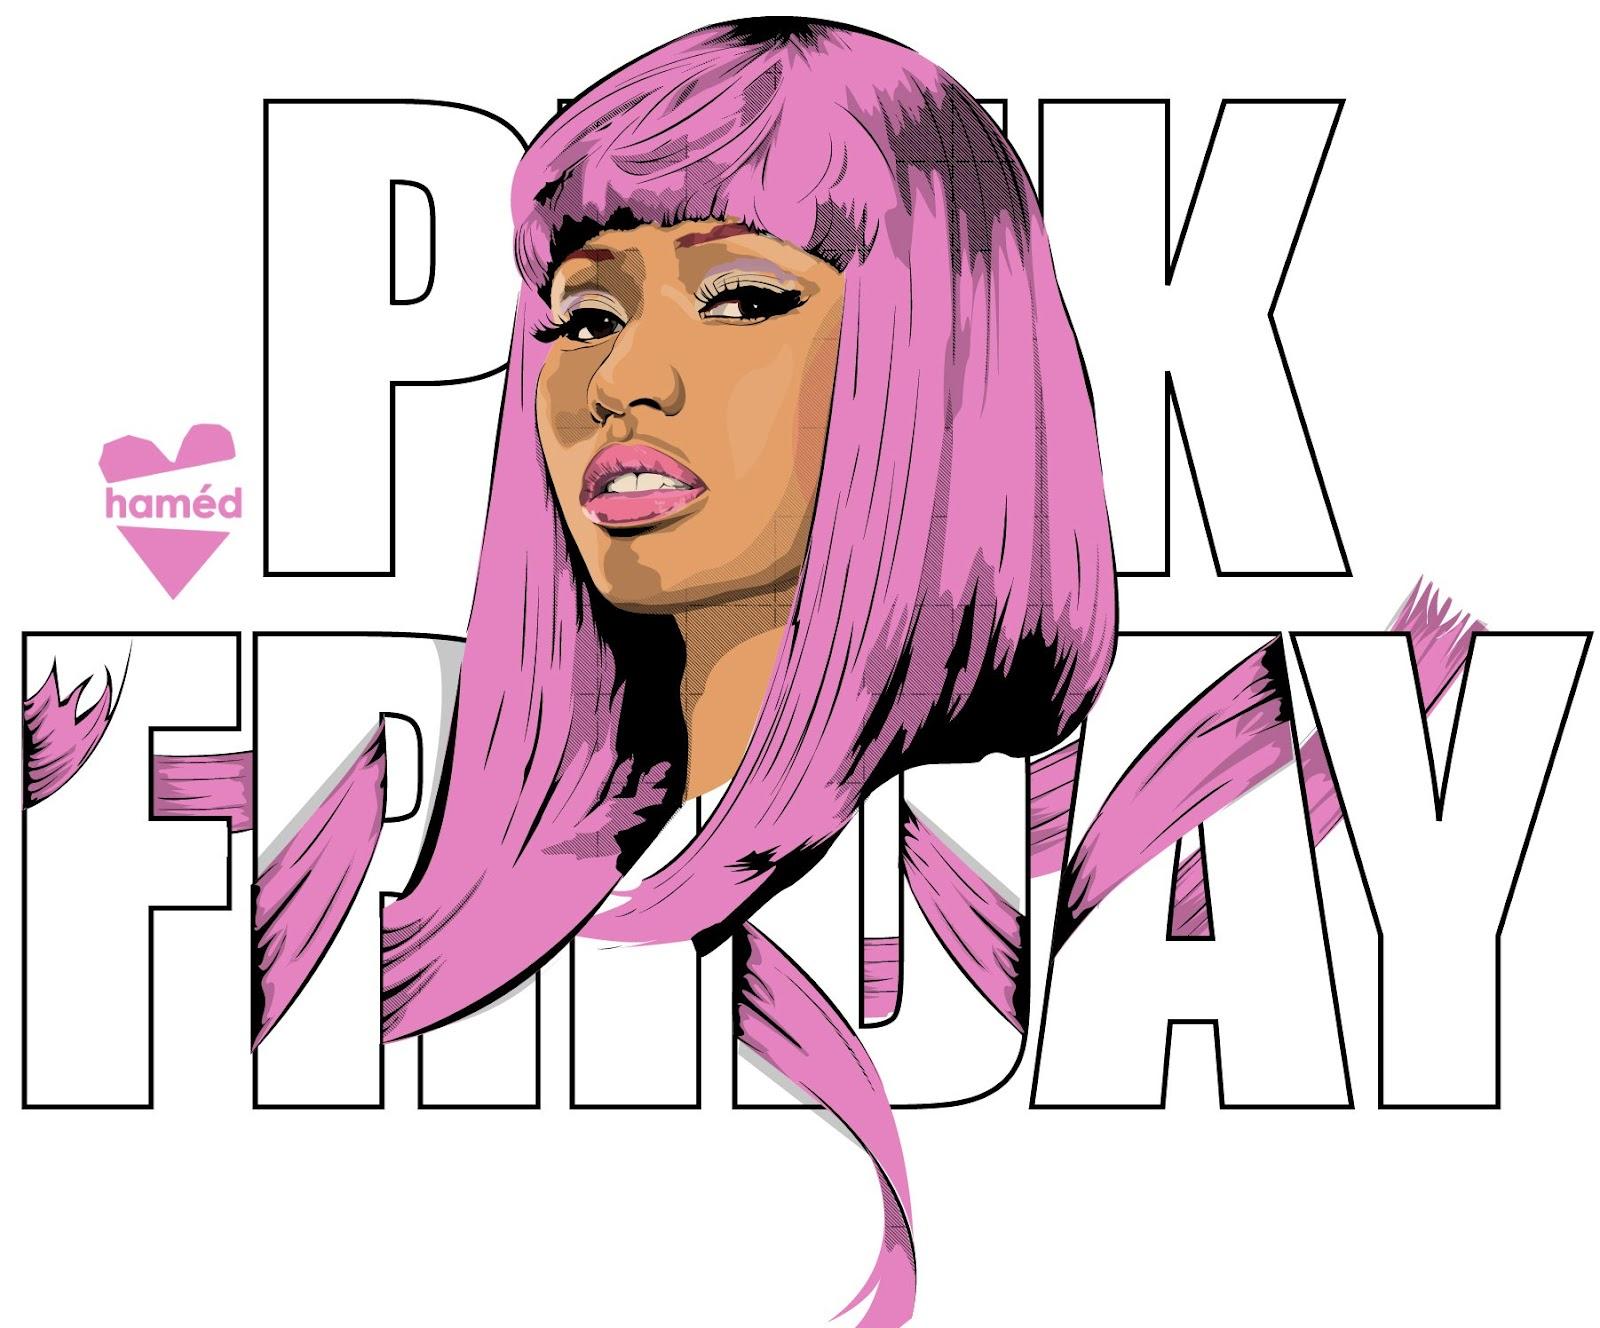 http://4.bp.blogspot.com/-uq66gZZm2UI/UAfLzqad3MI/AAAAAAAAAhk/8PAW1qA6N3w/s1600/Nick-Minaj-Cartoon-2.jpg